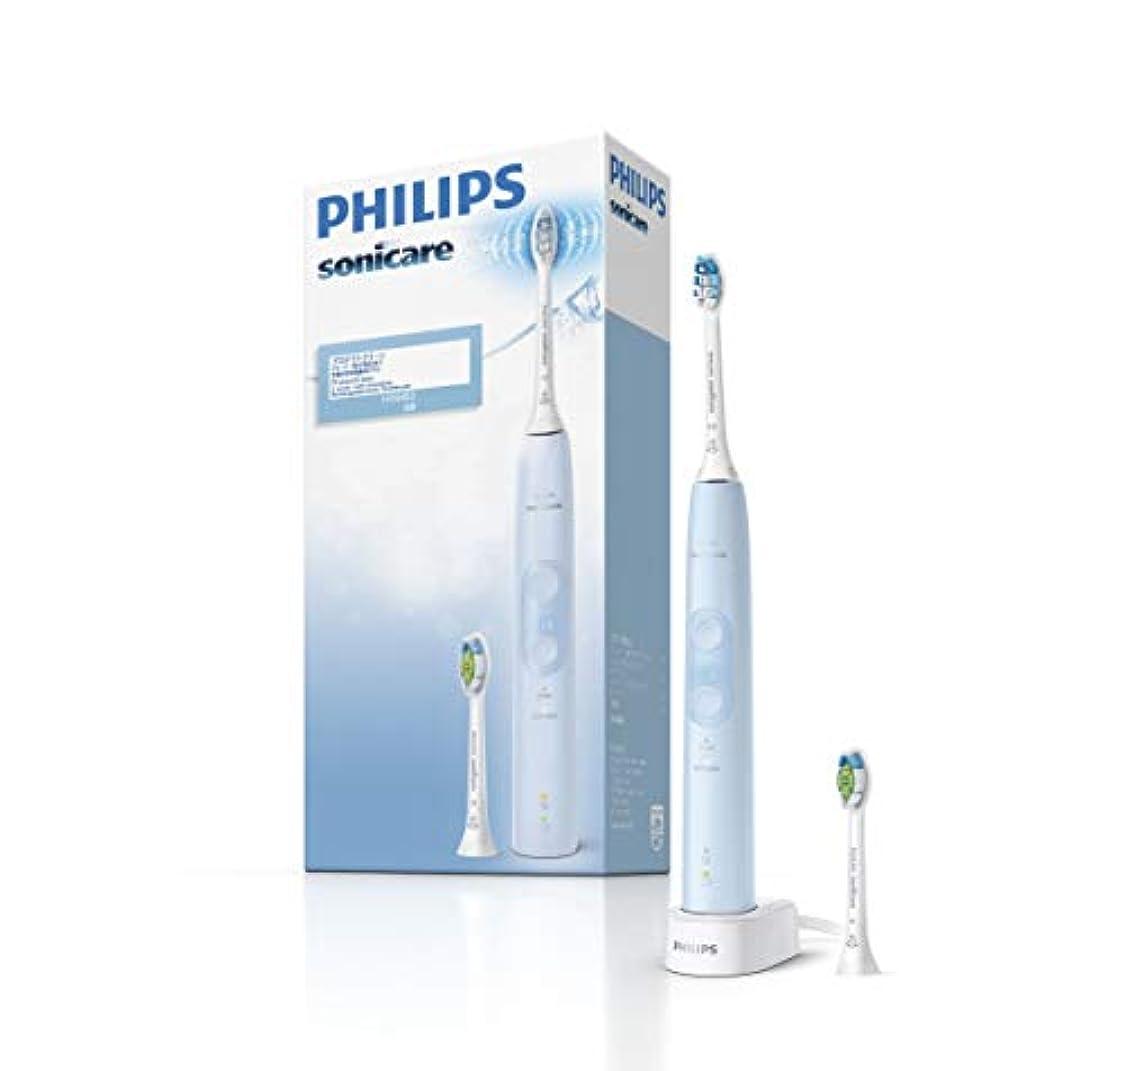 公平な動詞取り扱いフィリップス ソニッケアー プロテクトクリーン プラス 電動歯ブラシ ライトブルー HX6453/68